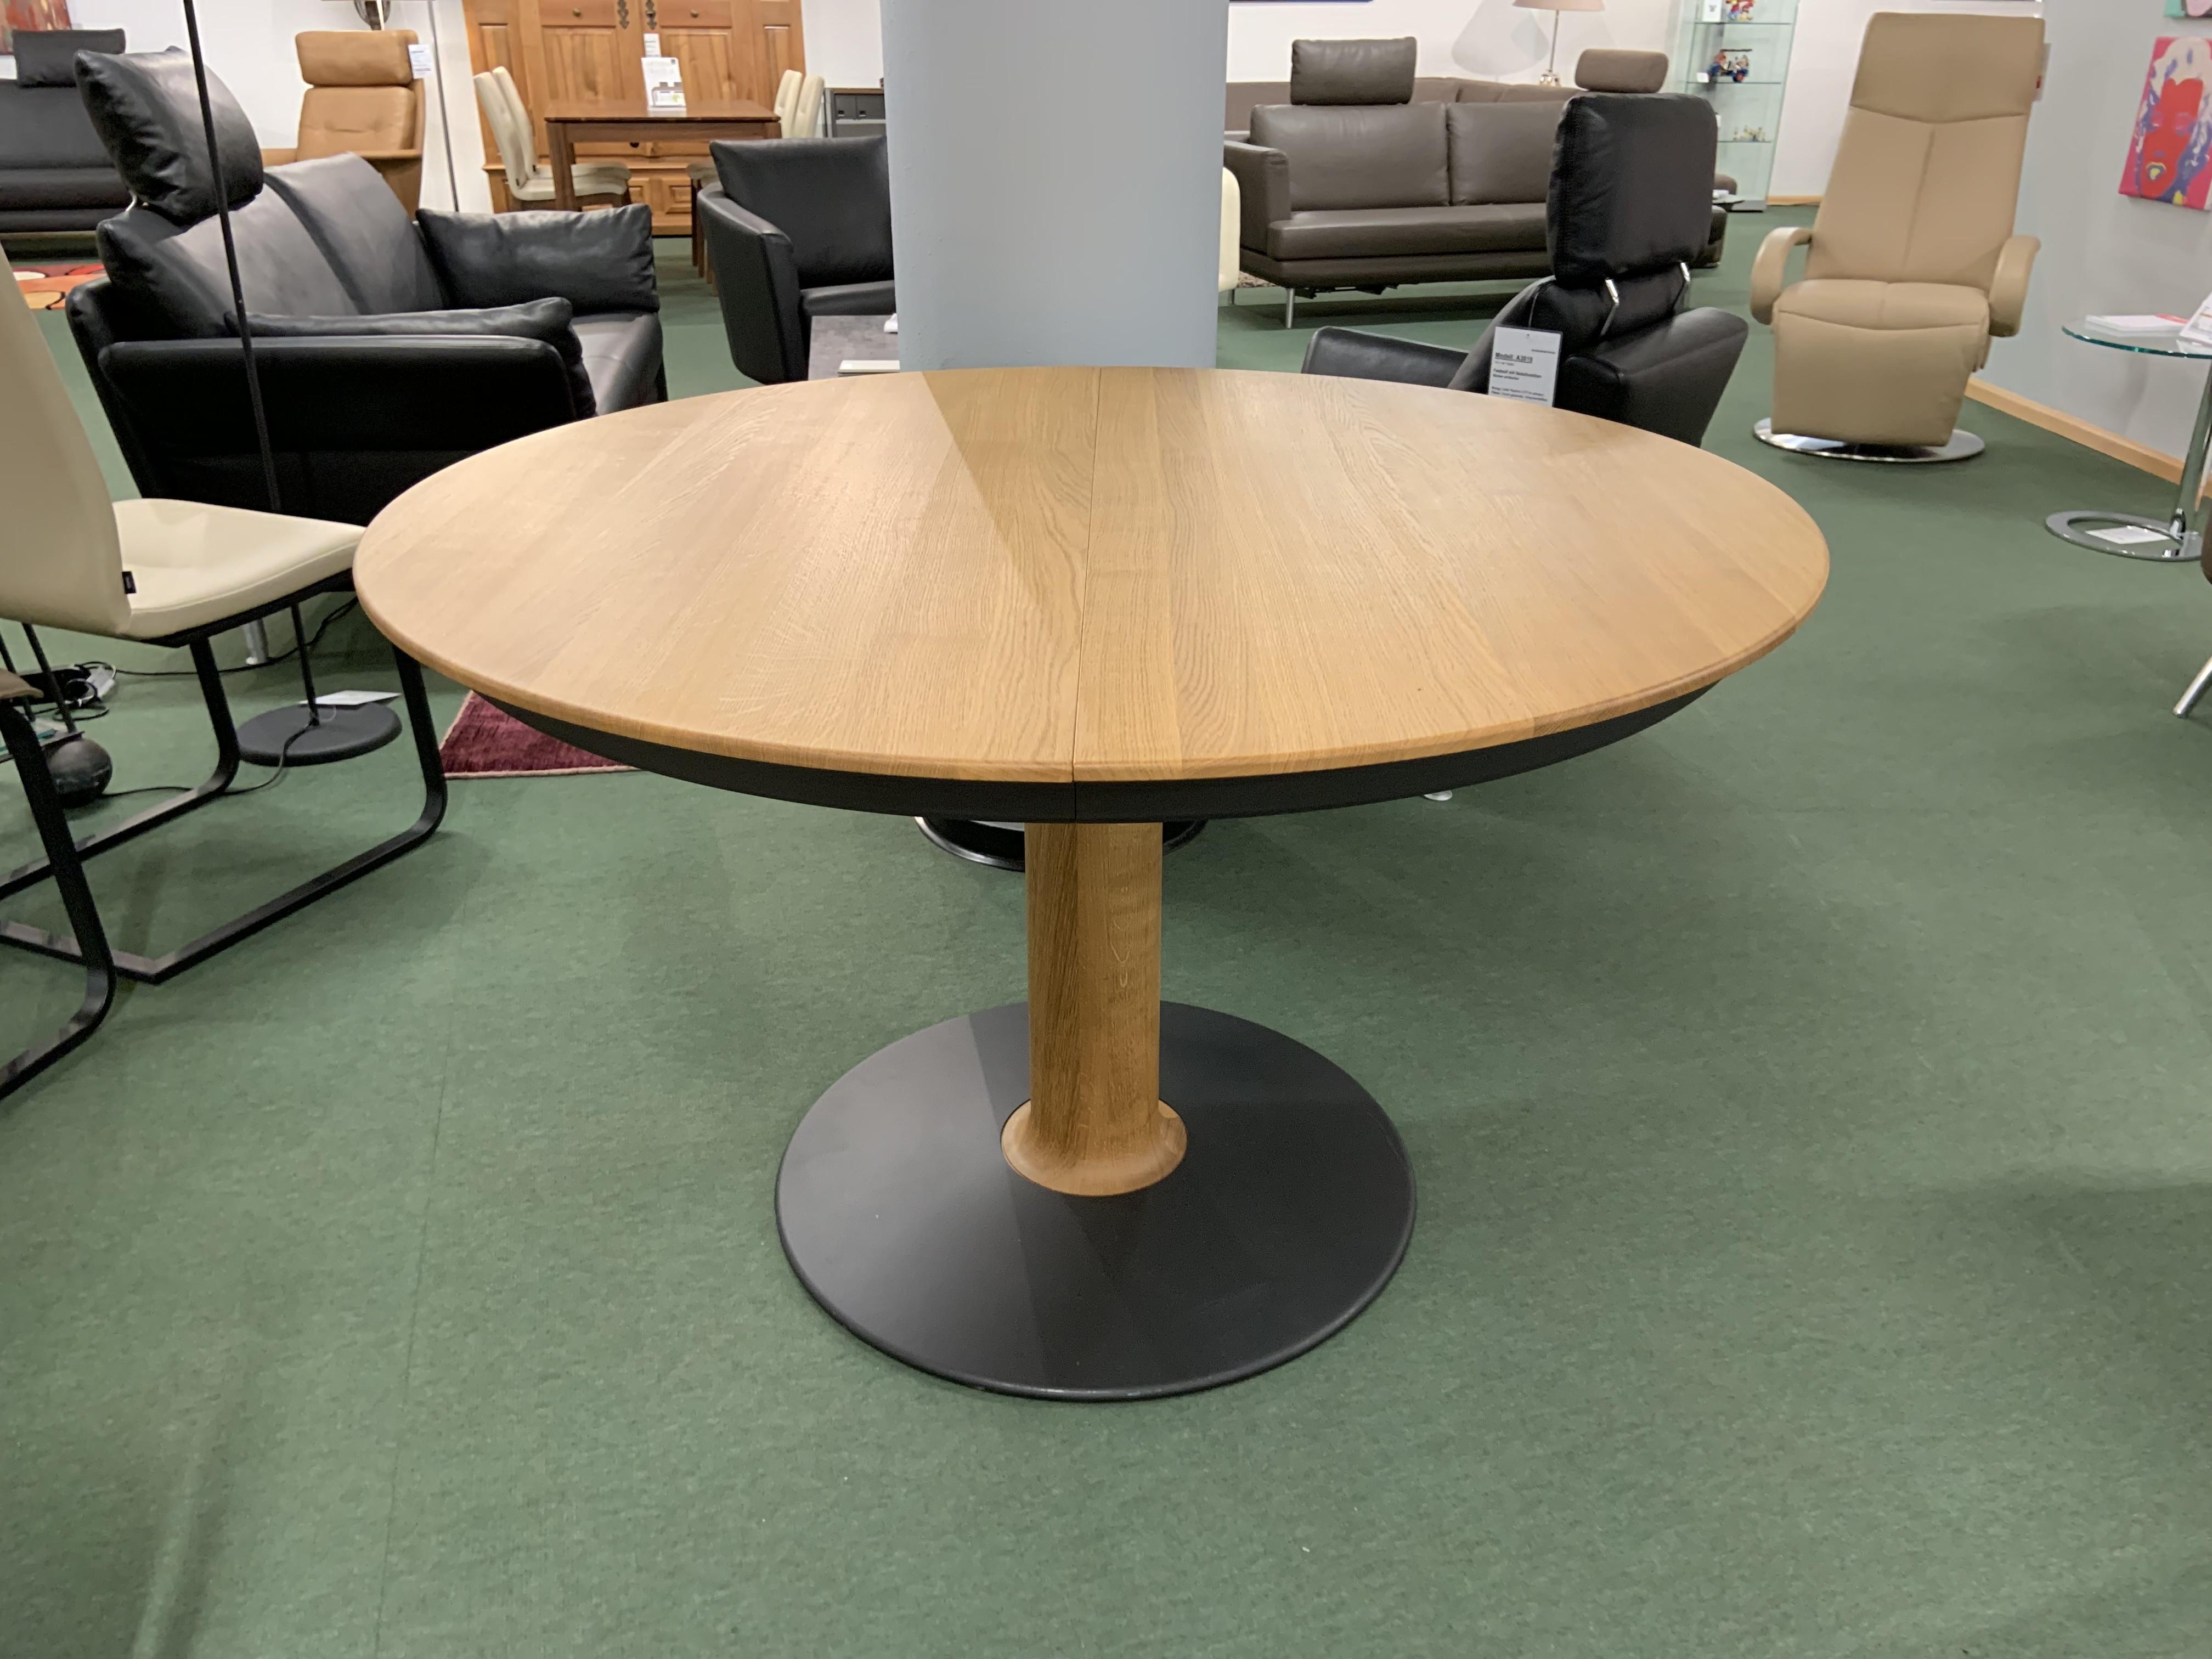 Auszugstisch Rota 120 (120 x 180) cm, 2 & 2 Stühle 04